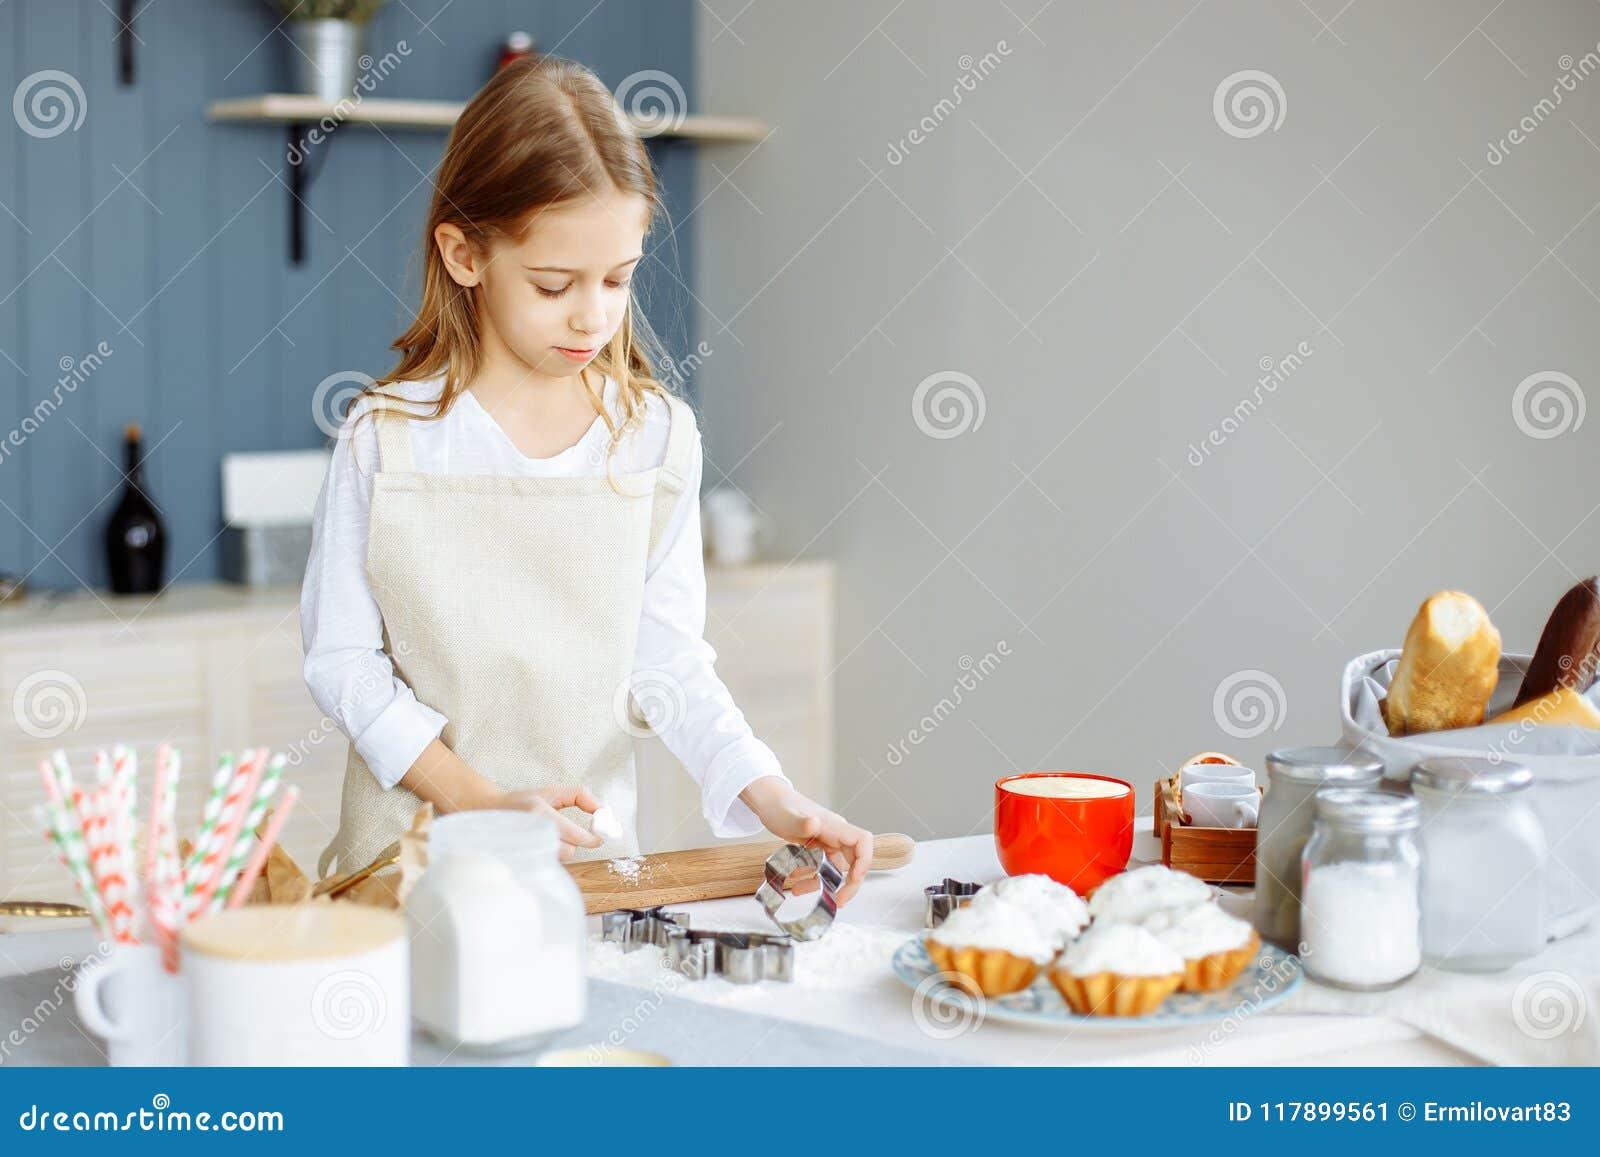 Το χαριτωμένο μικρό κορίτσι στην ποδιά μαγειρεύει τα μπισκότα στην κουζίνα